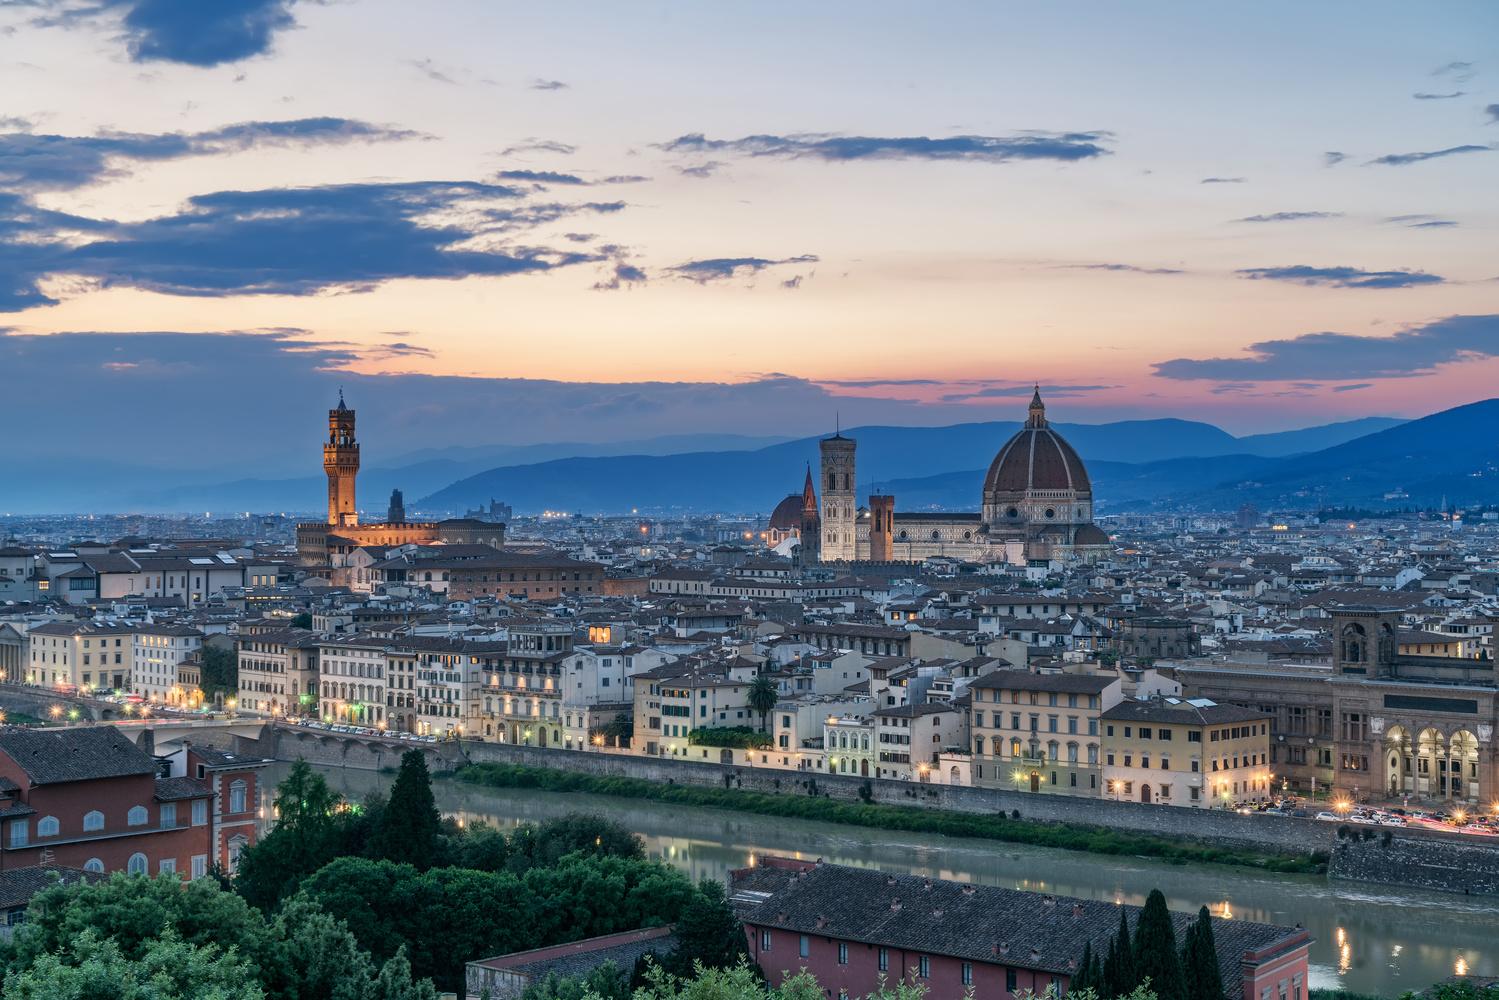 Duomo in Florence by Hrvoje Vrljic